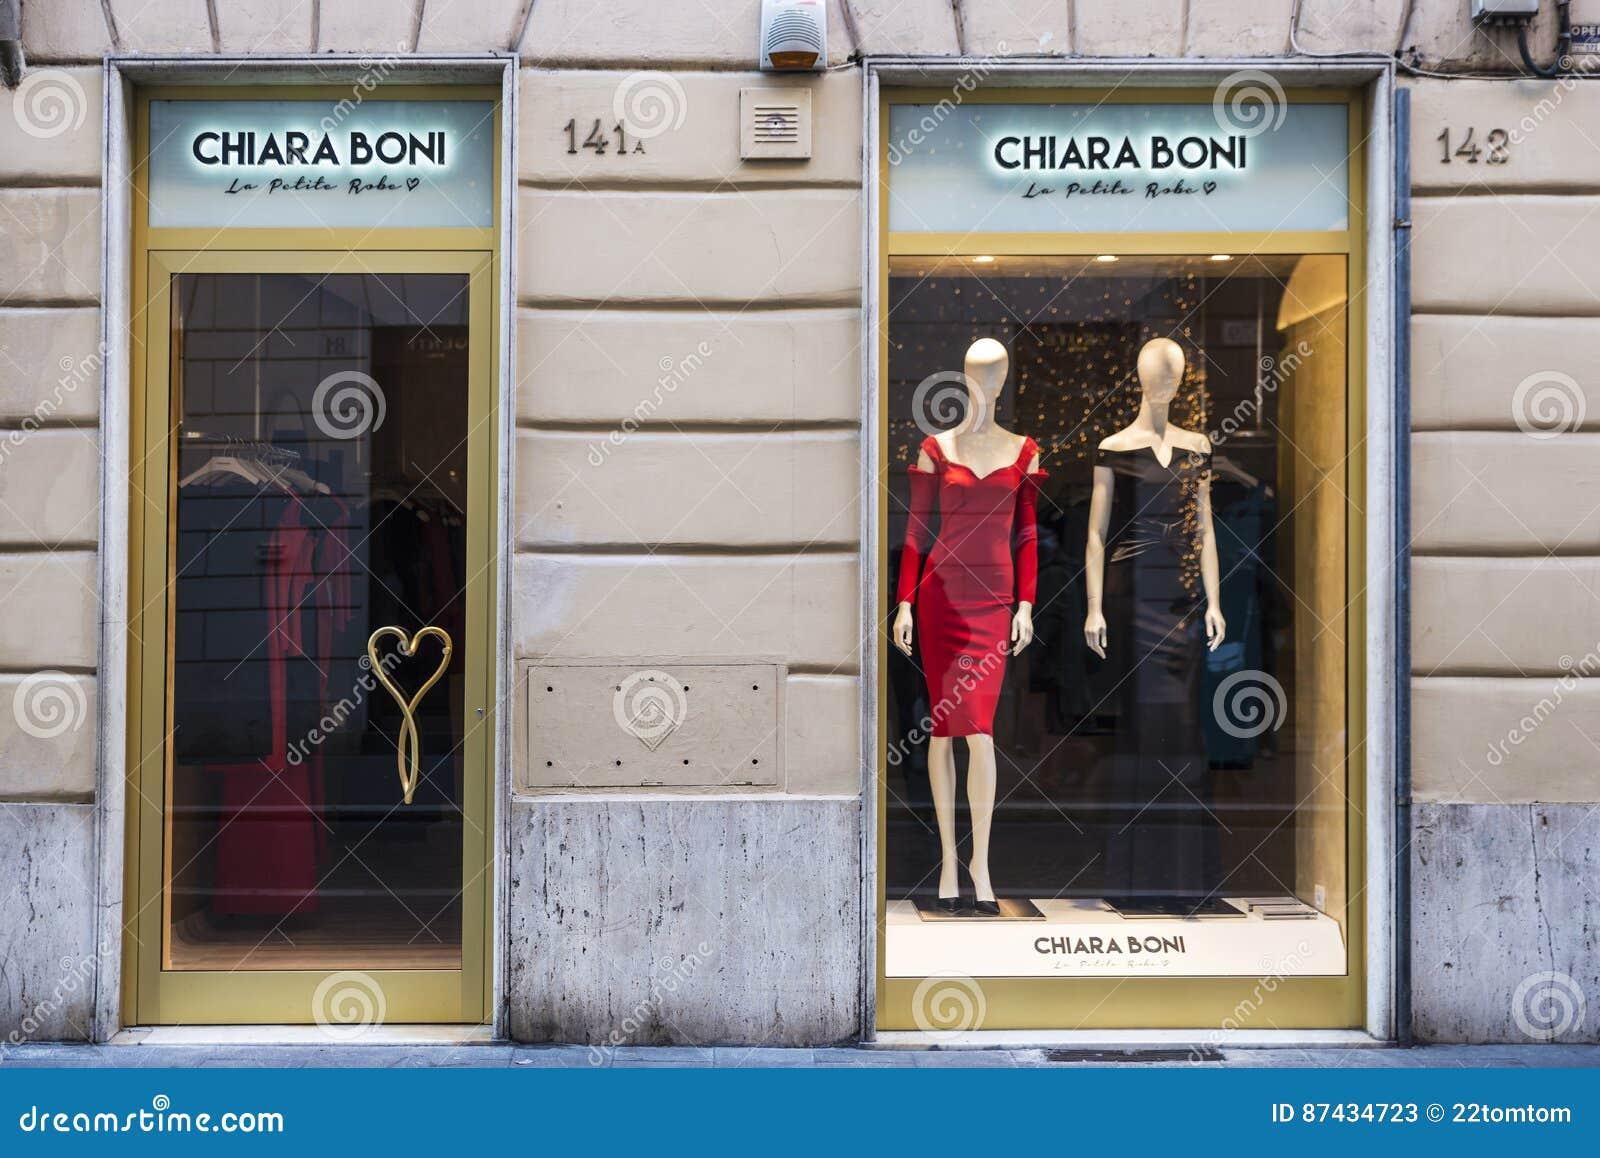 Boni Shop